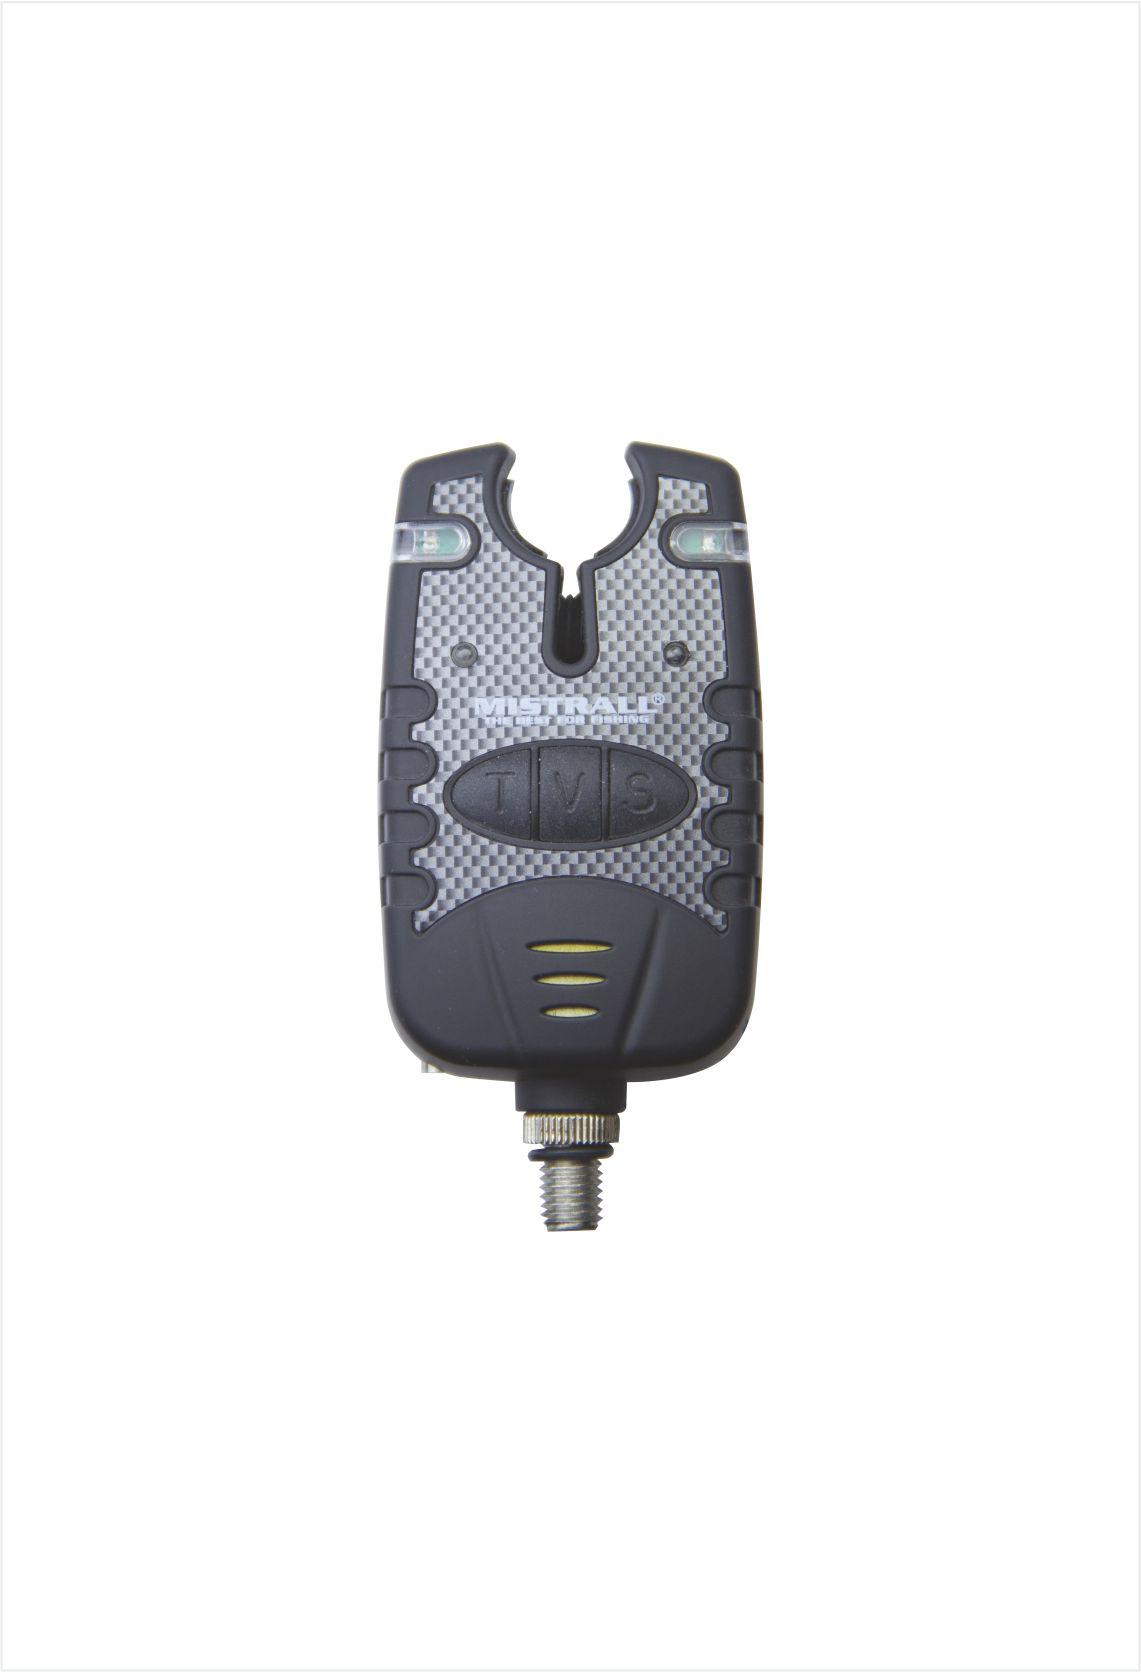 Mistrall signalizátor záběru RS